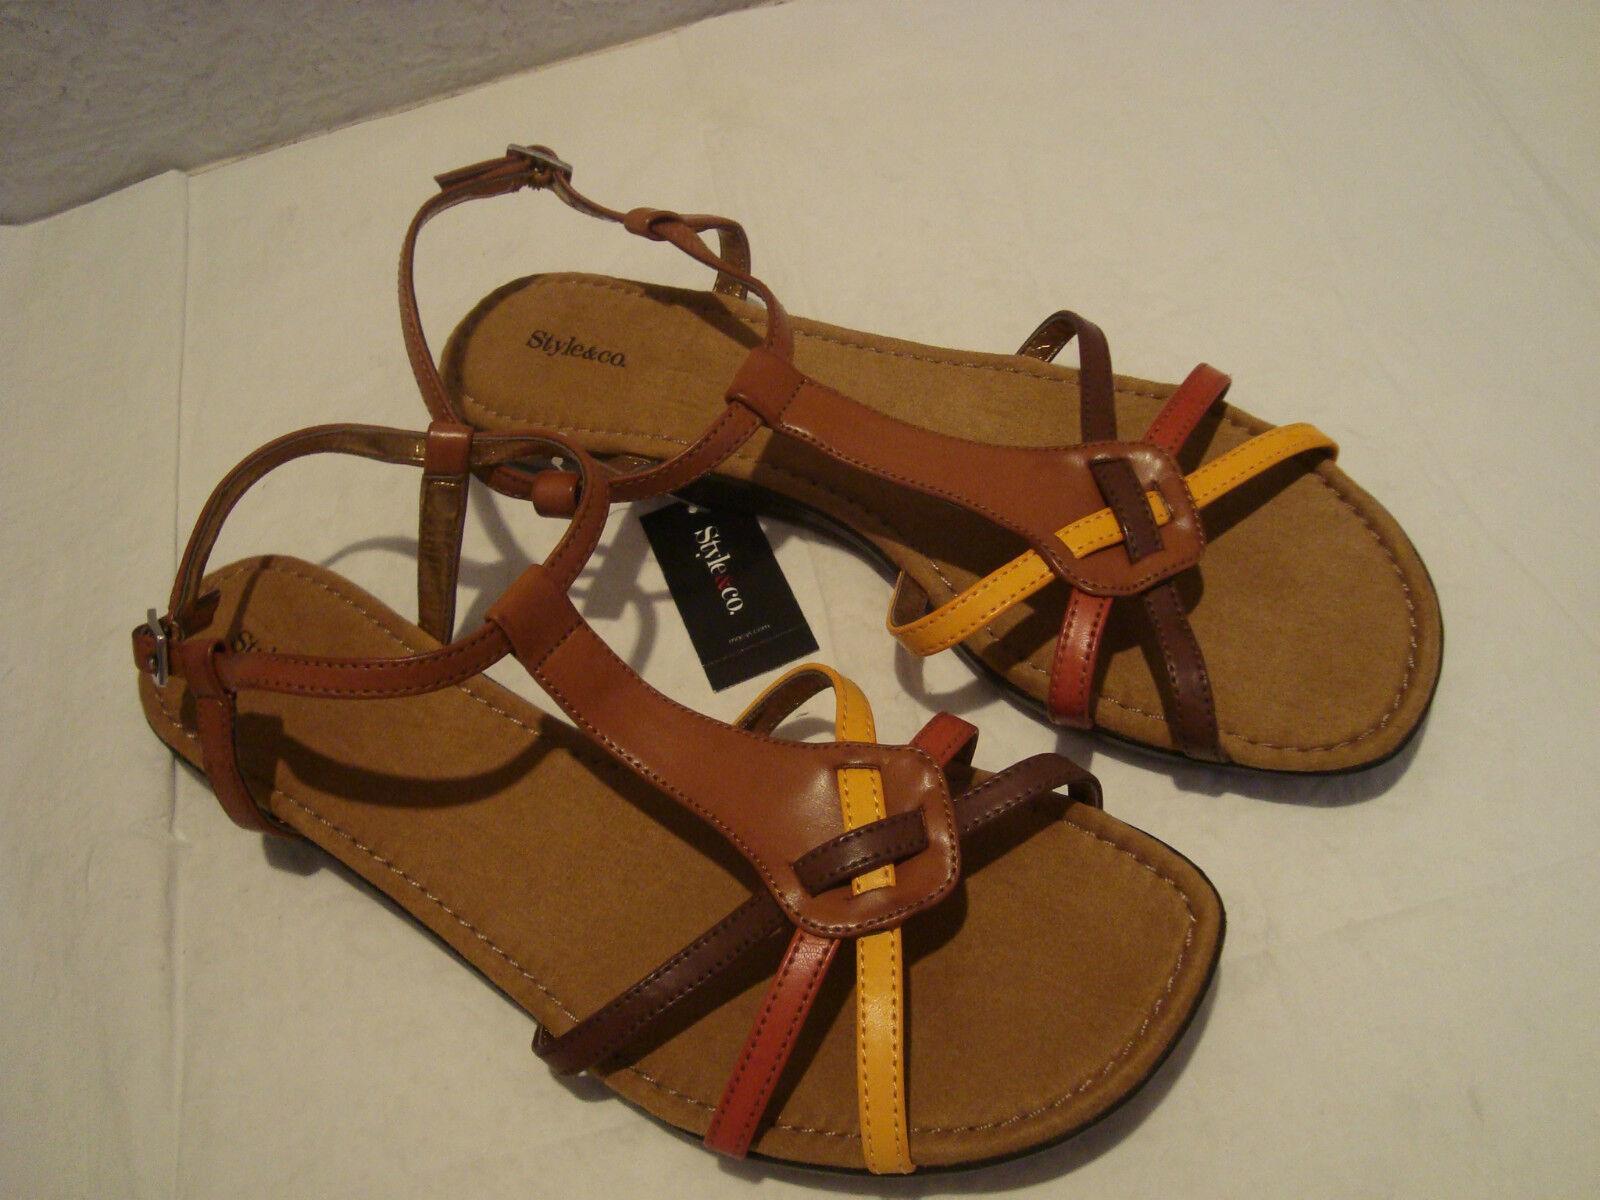 NEU Style & Co Damenschuhe Zelda Multi Farbe Sandales Schuhes 6 Medium